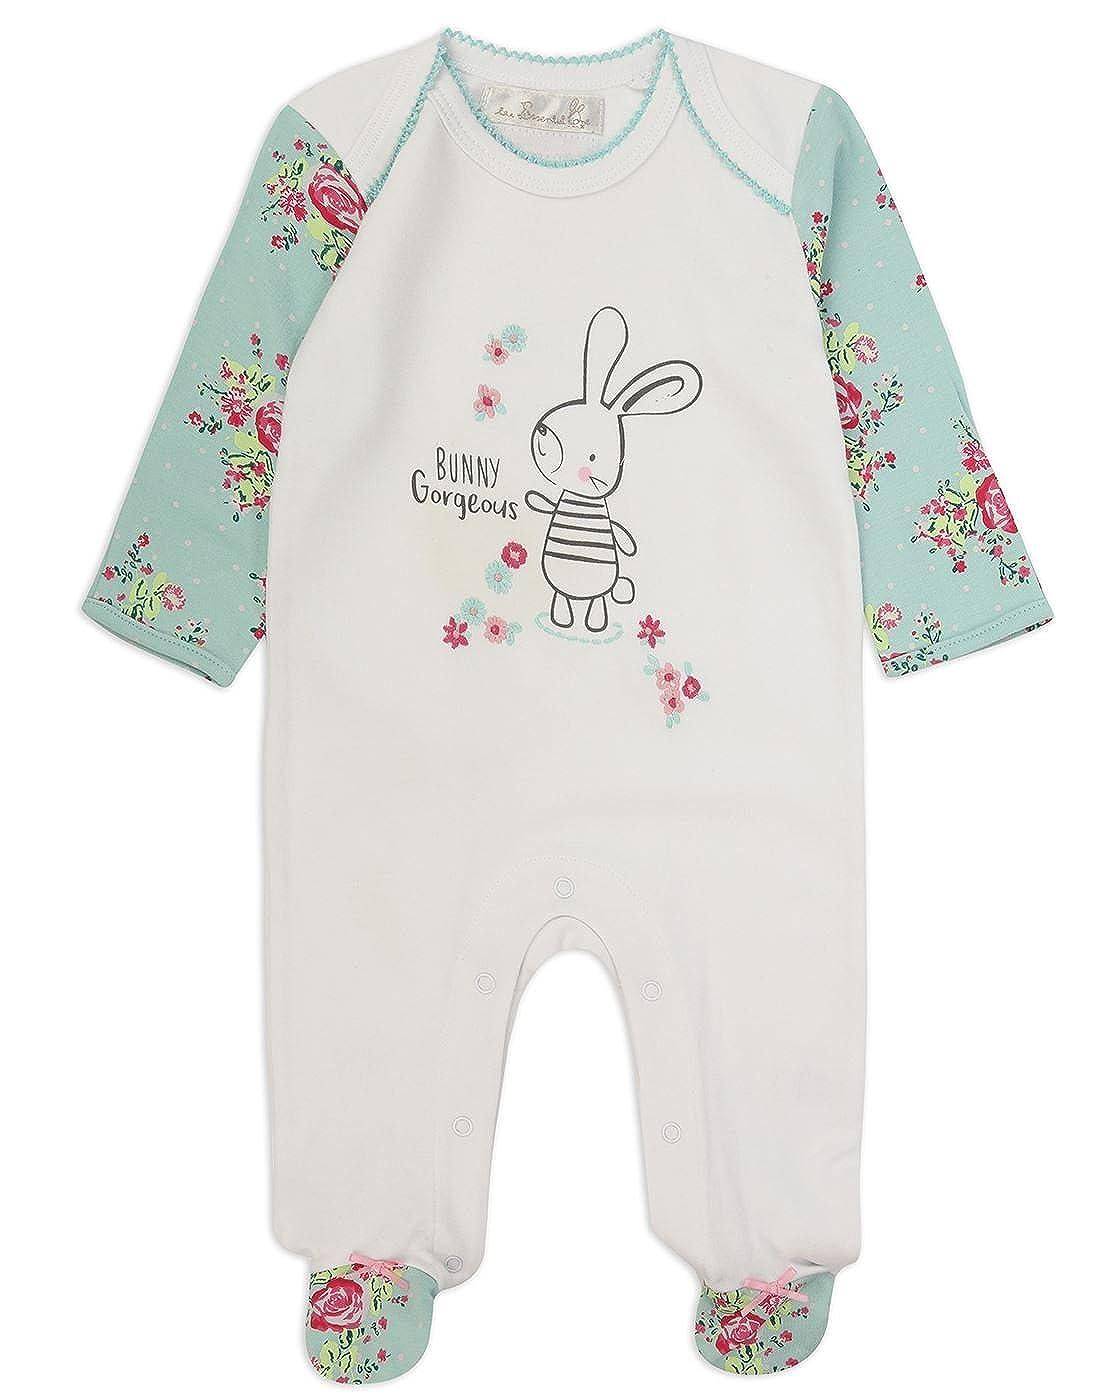 The Essential One - Bebé Niñas Floral Pijamas Tipo Pelele - Blanco/Turquesa - Primera Puesta 50cm - TESS20: Amazon.es: Ropa y accesorios